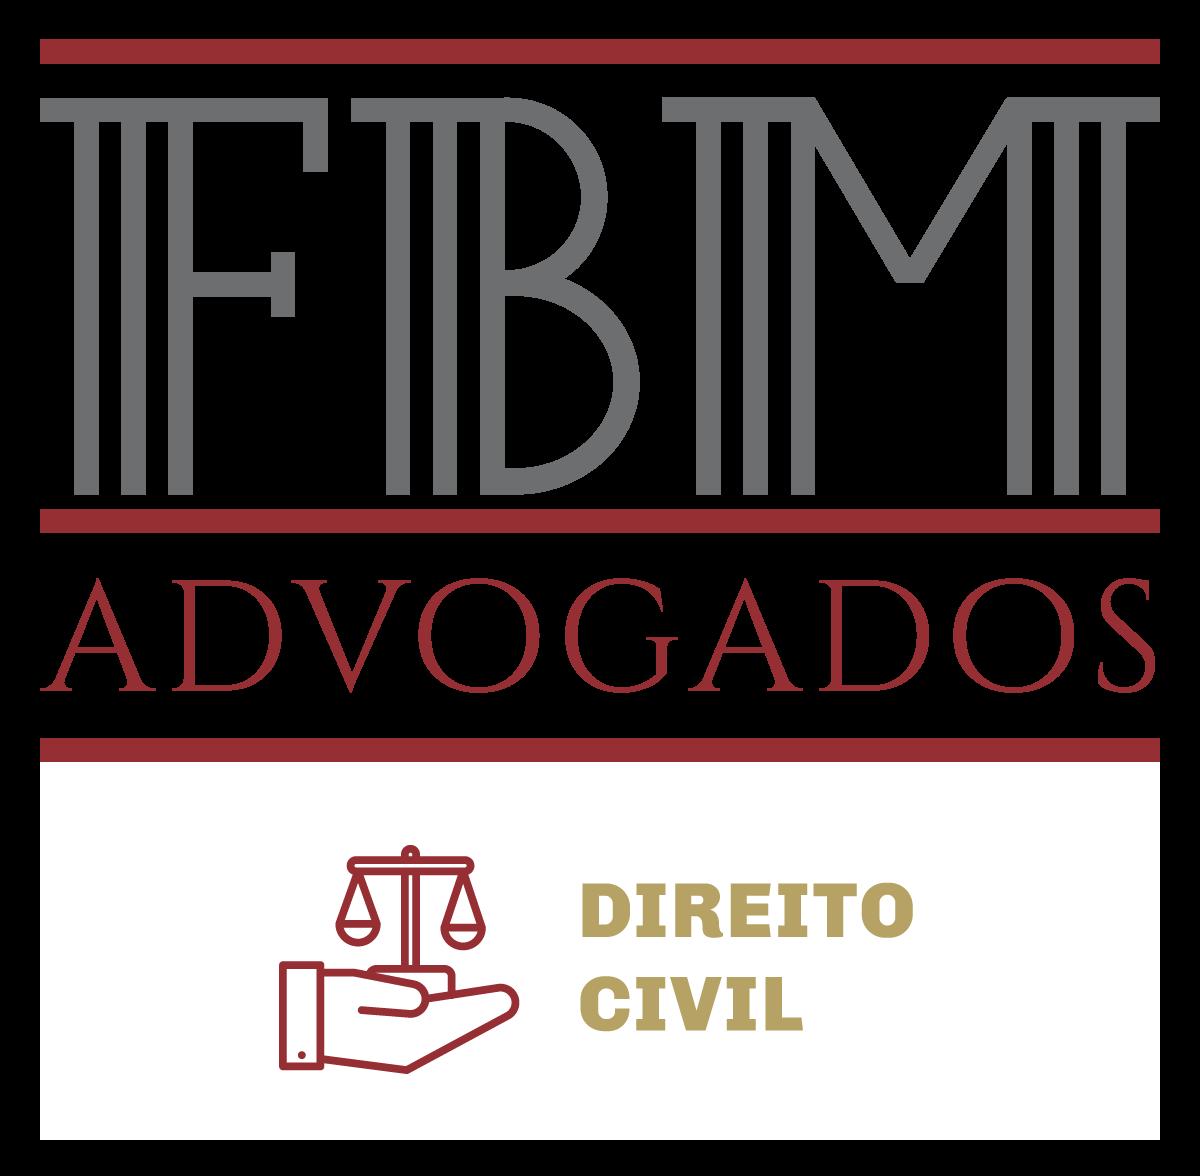 Advogados Direito Civil